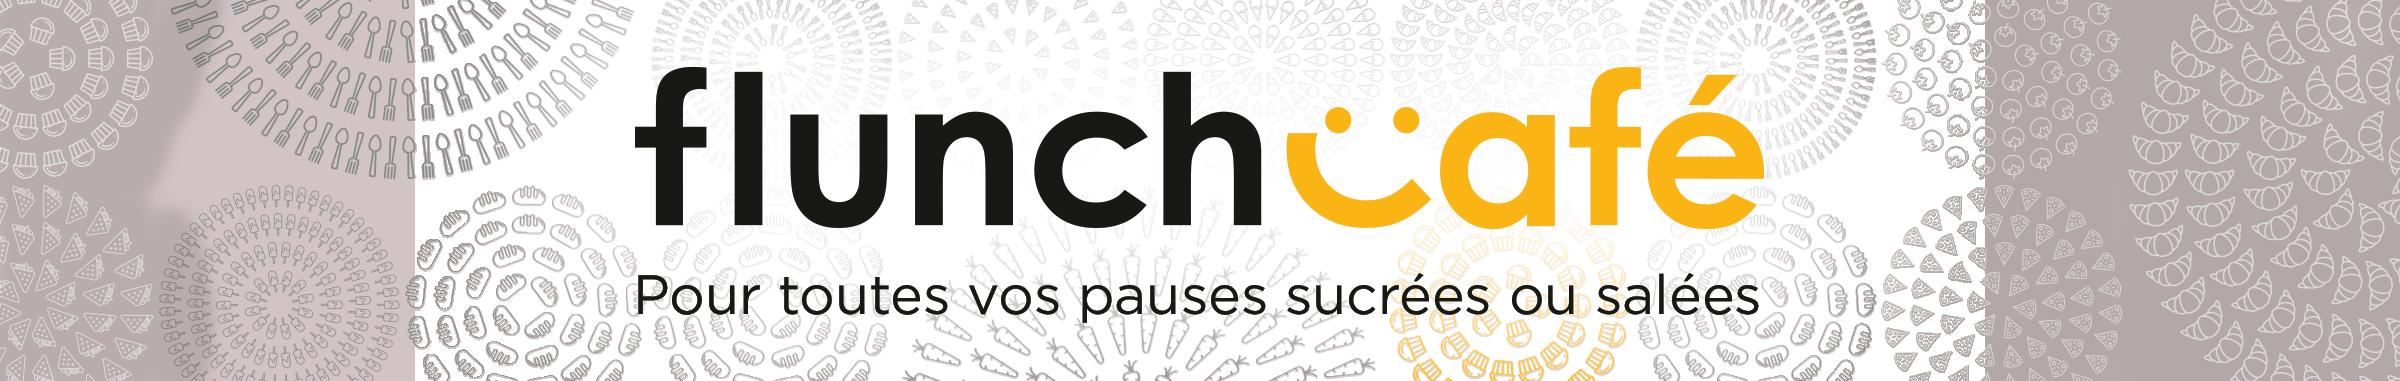 flunch café header